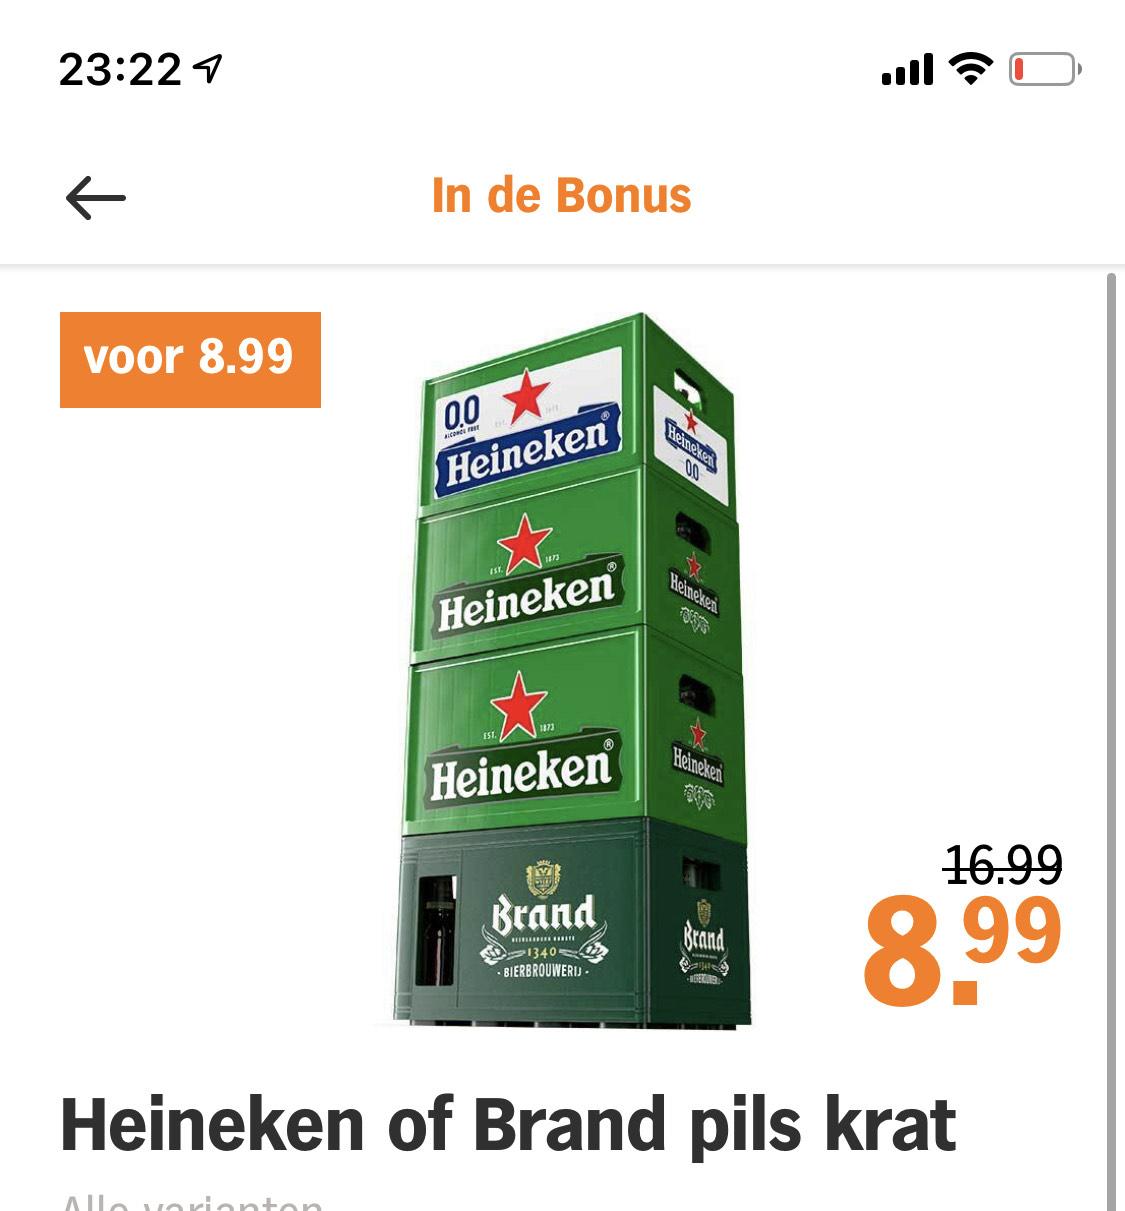 (GRENZGÄNGER NL) AlbertHeijn - 1 Kiste 24x0,3L Heineken, Heineken 0,0% oder Brand für 8,99 + Pfand 3,90